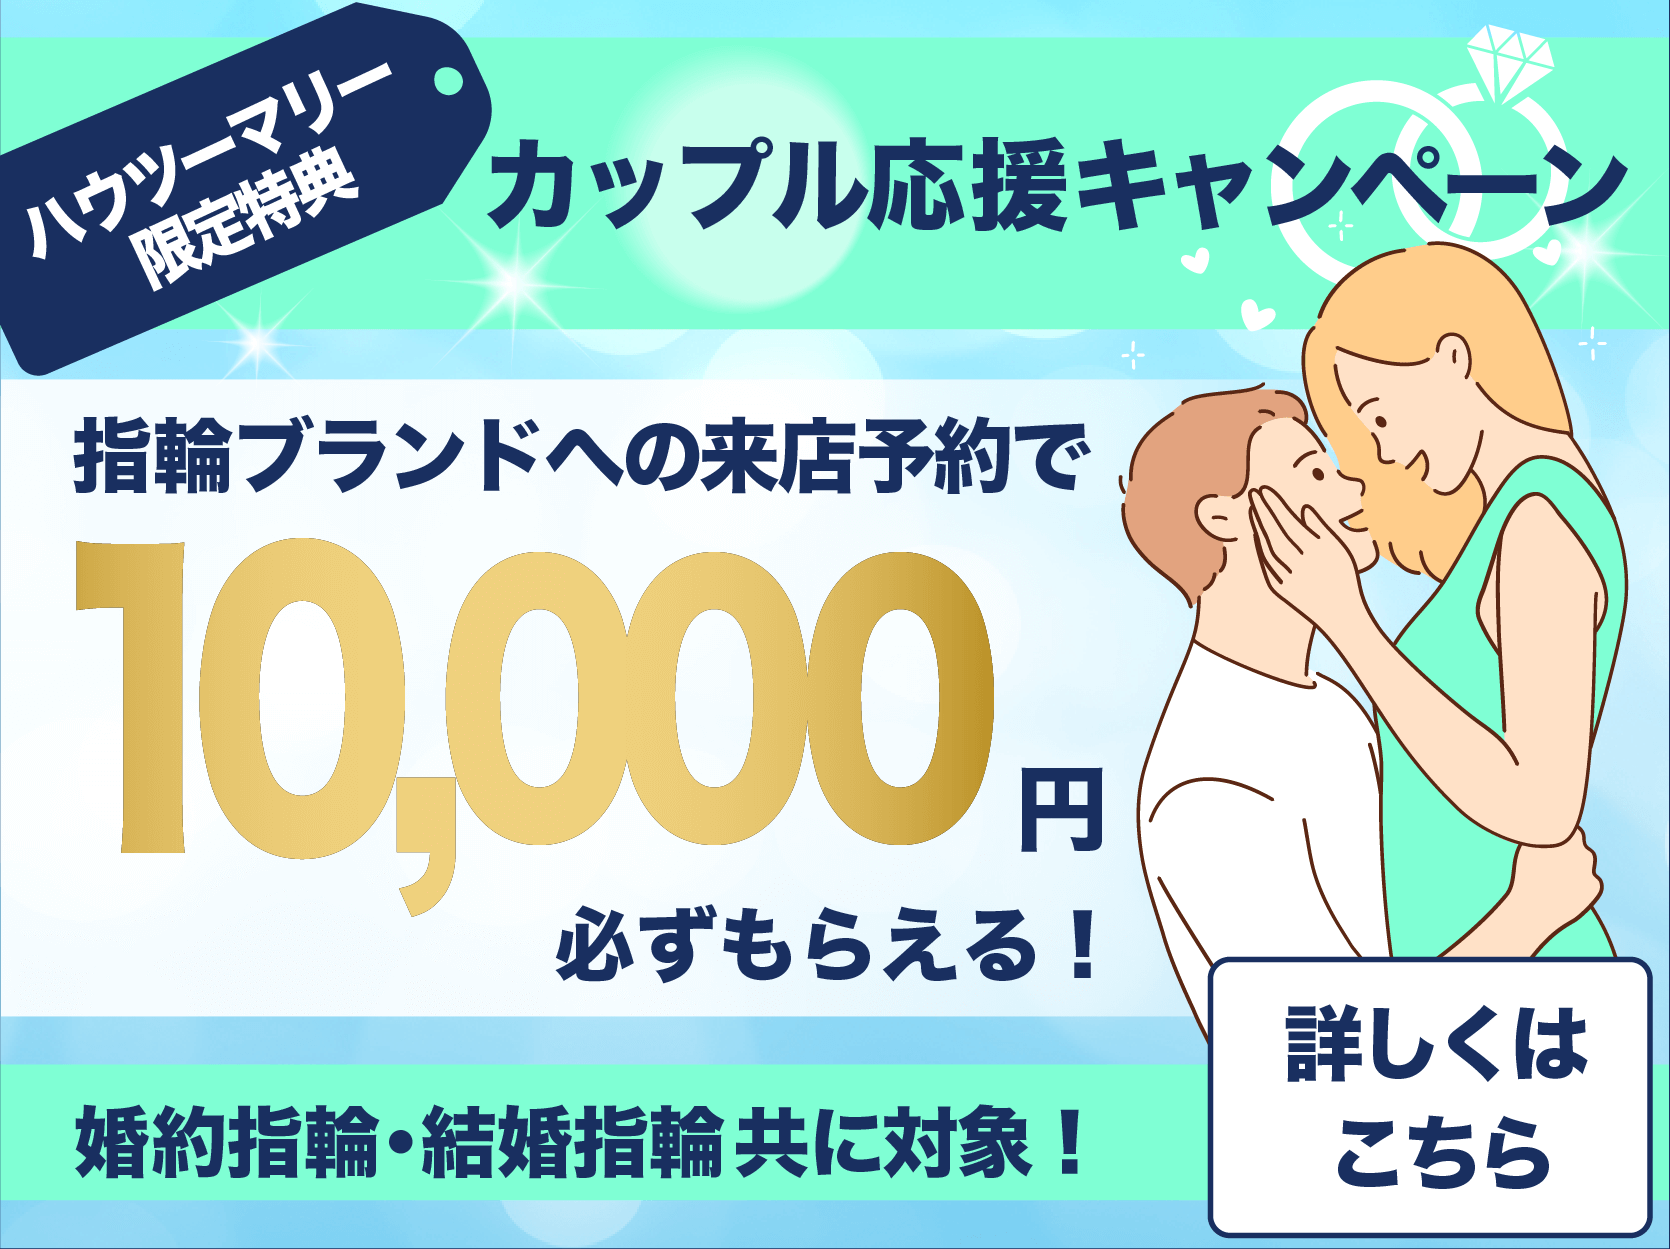 来館予約+ウェディングで商品券10万円プレゼント実施中!